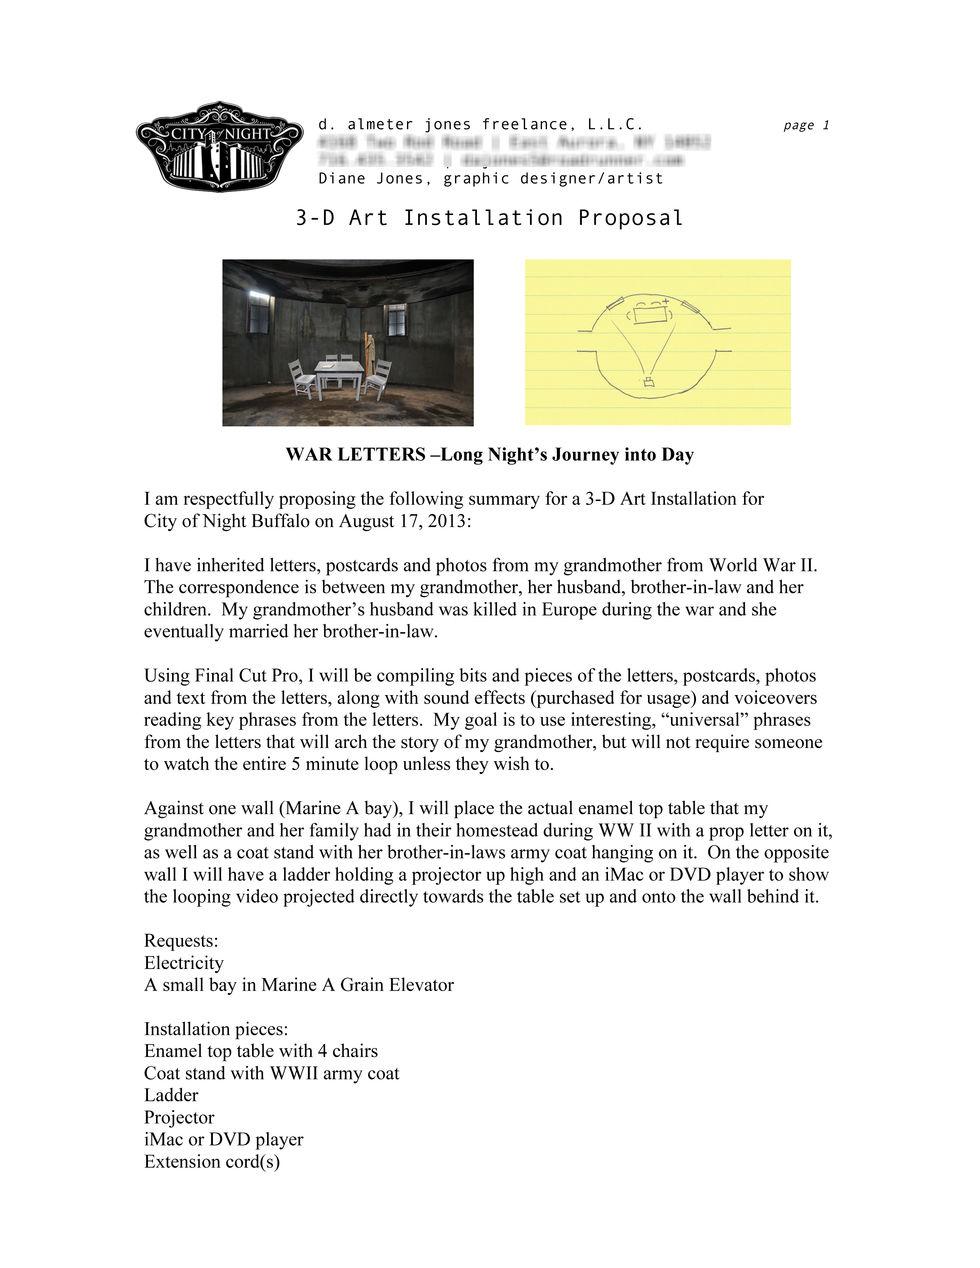 City of Night Buffalo Proposal